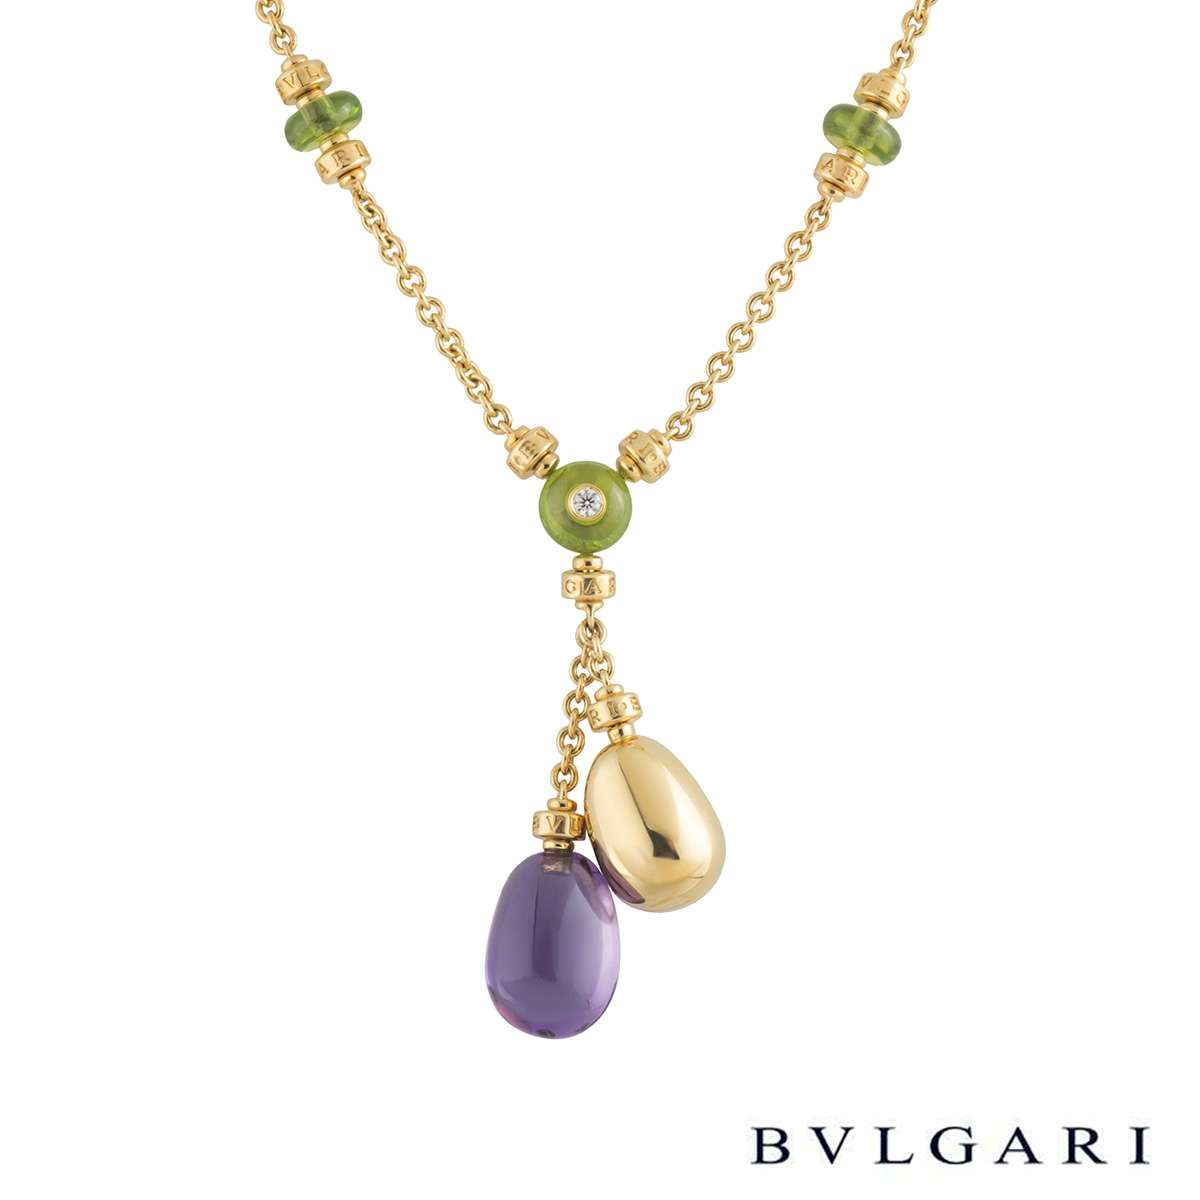 Bvlgari Yellow Gold Multi-Gemstone Mediterranean Eden Necklace